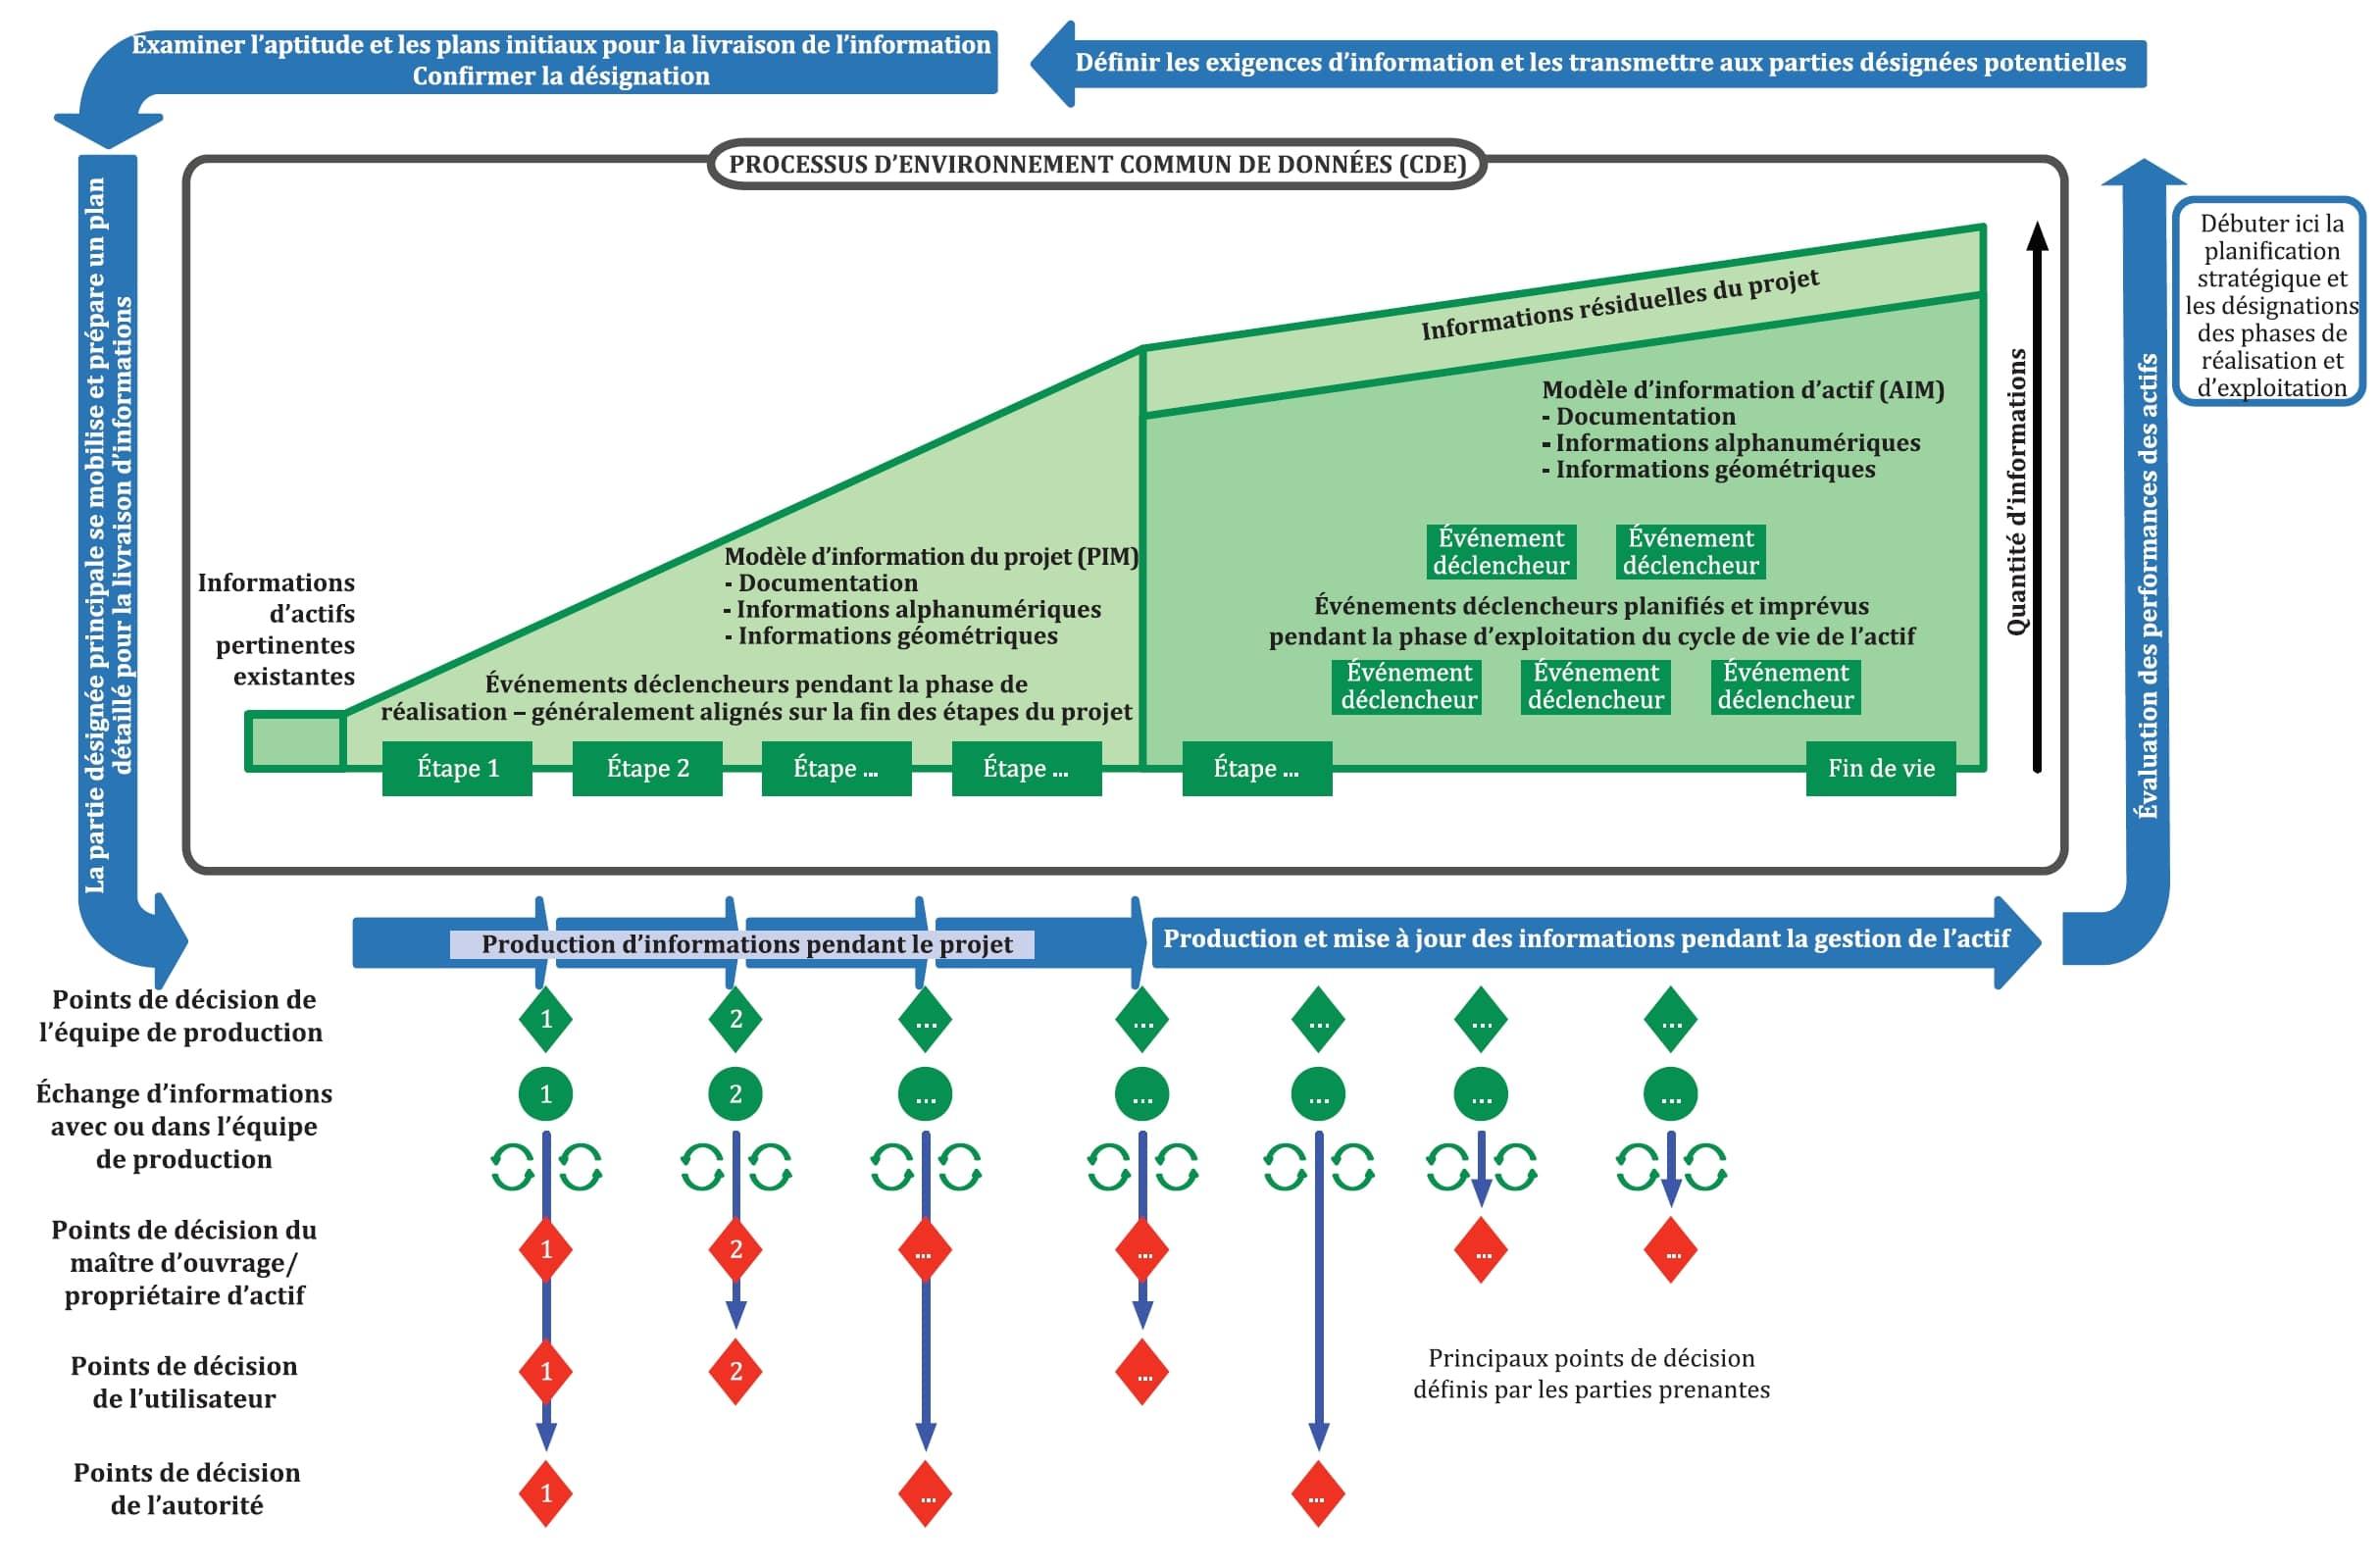 Vue d'ensemble d'une démarche BIM selon la norme ISO 19650